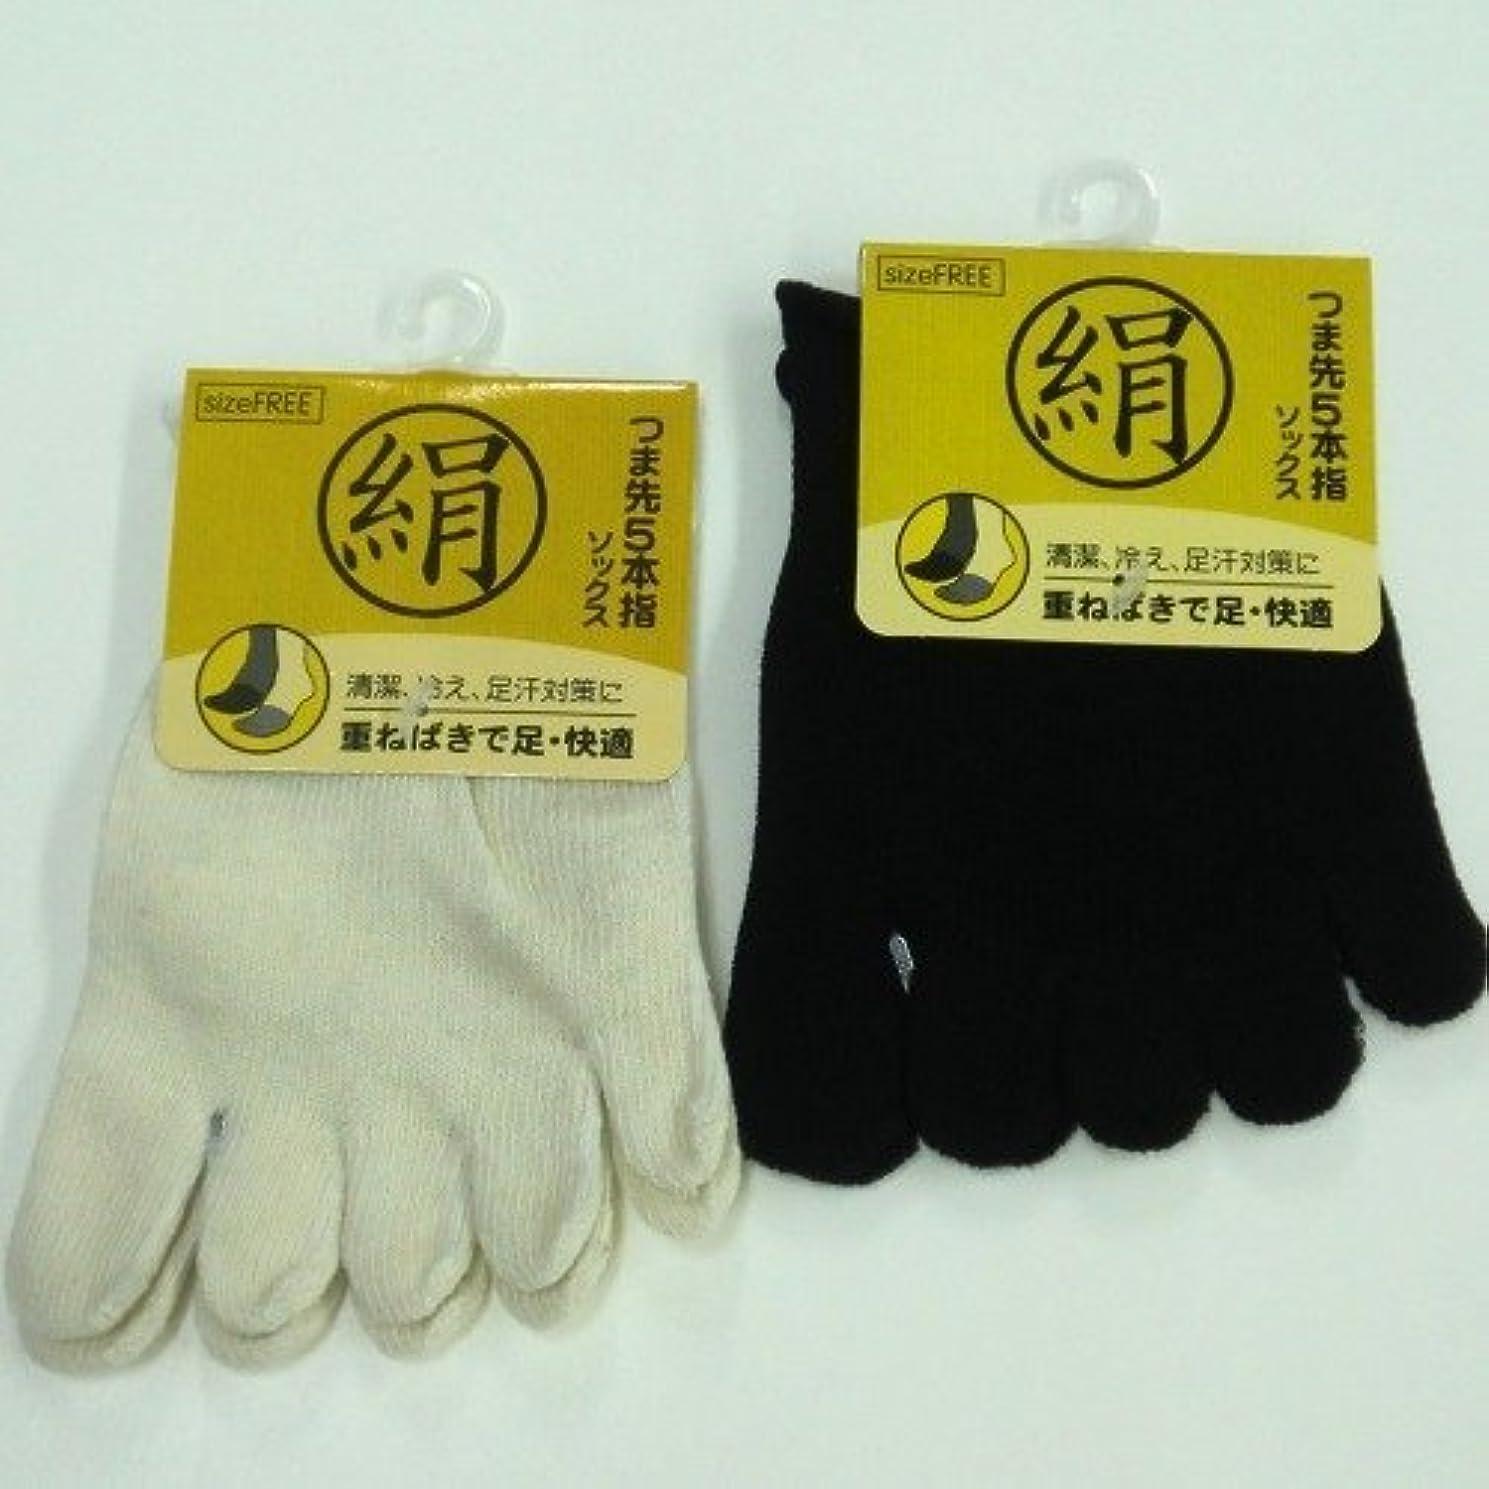 誠意カーペットアクロバットシルク 5本指ハーフソックス 足指カバー 天然素材絹で抗菌防臭 4足組